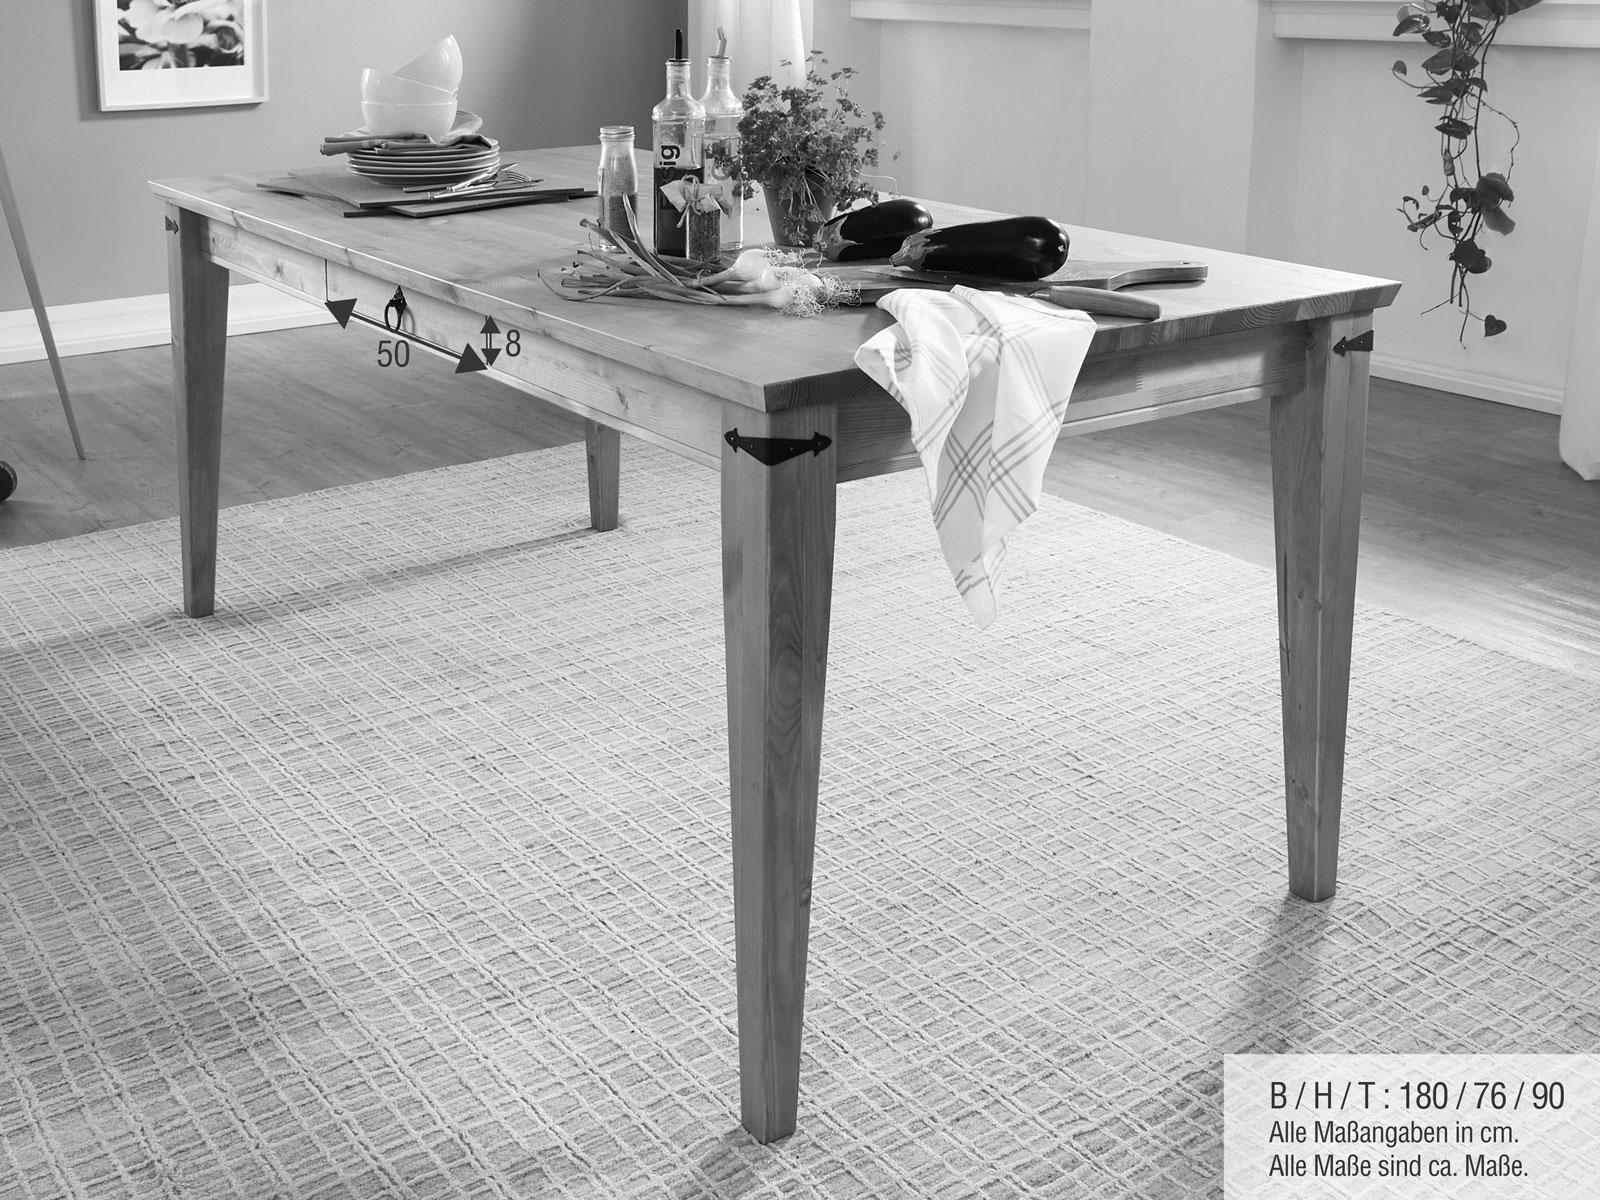 Esstisch Massivholz Tisch Torino 180x90 Cm Breit Pinie Nordica Eichefarbig Gebeizt Geolt Casamia Wohnen